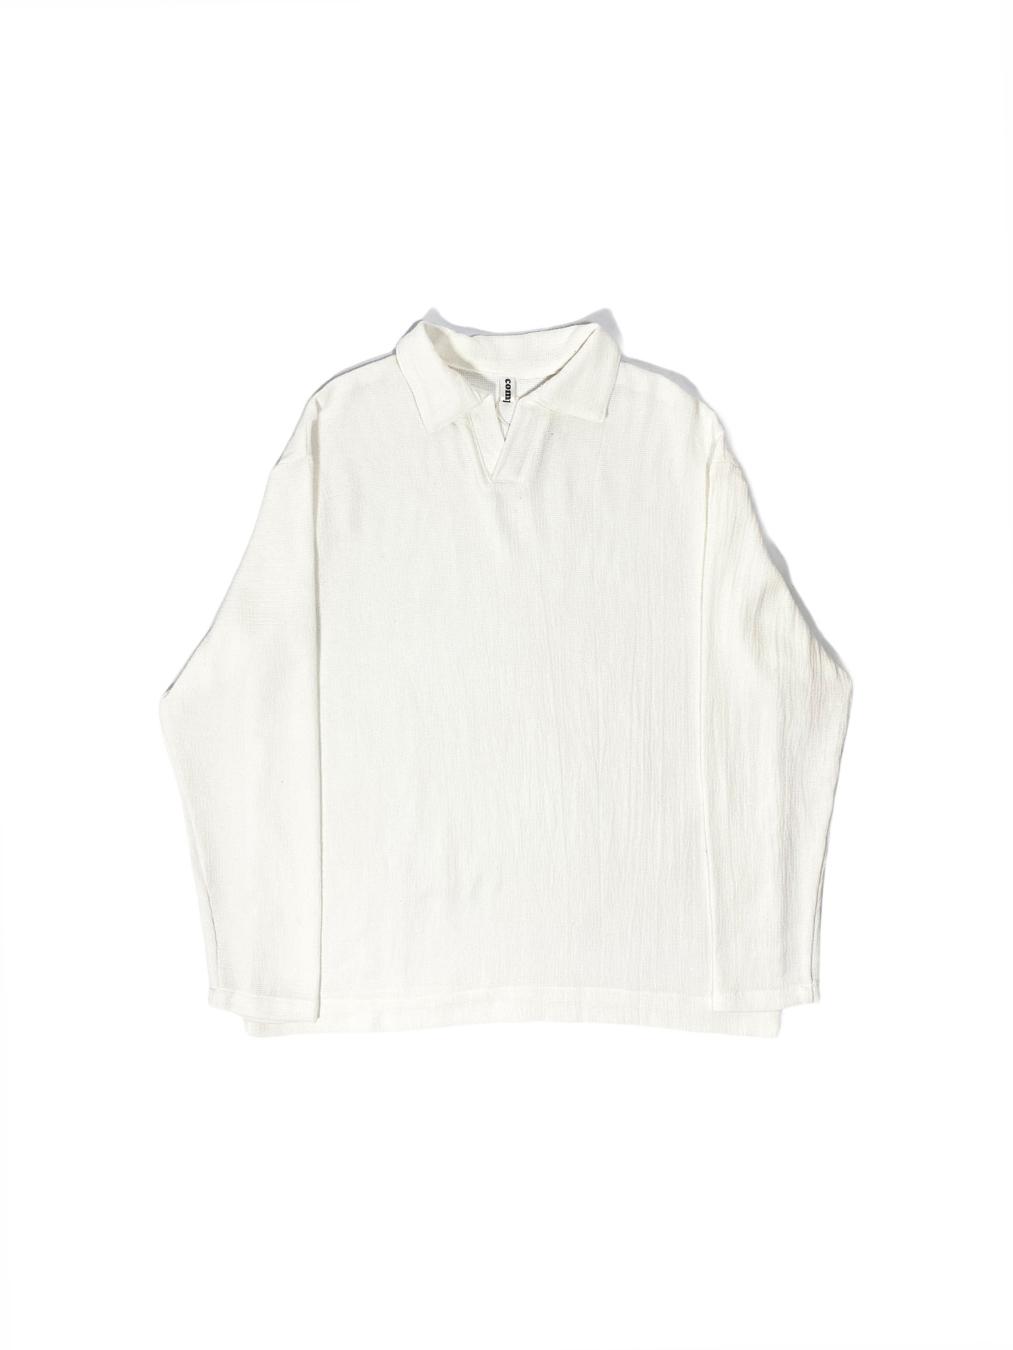 Soften Net Collar Shirt (White)